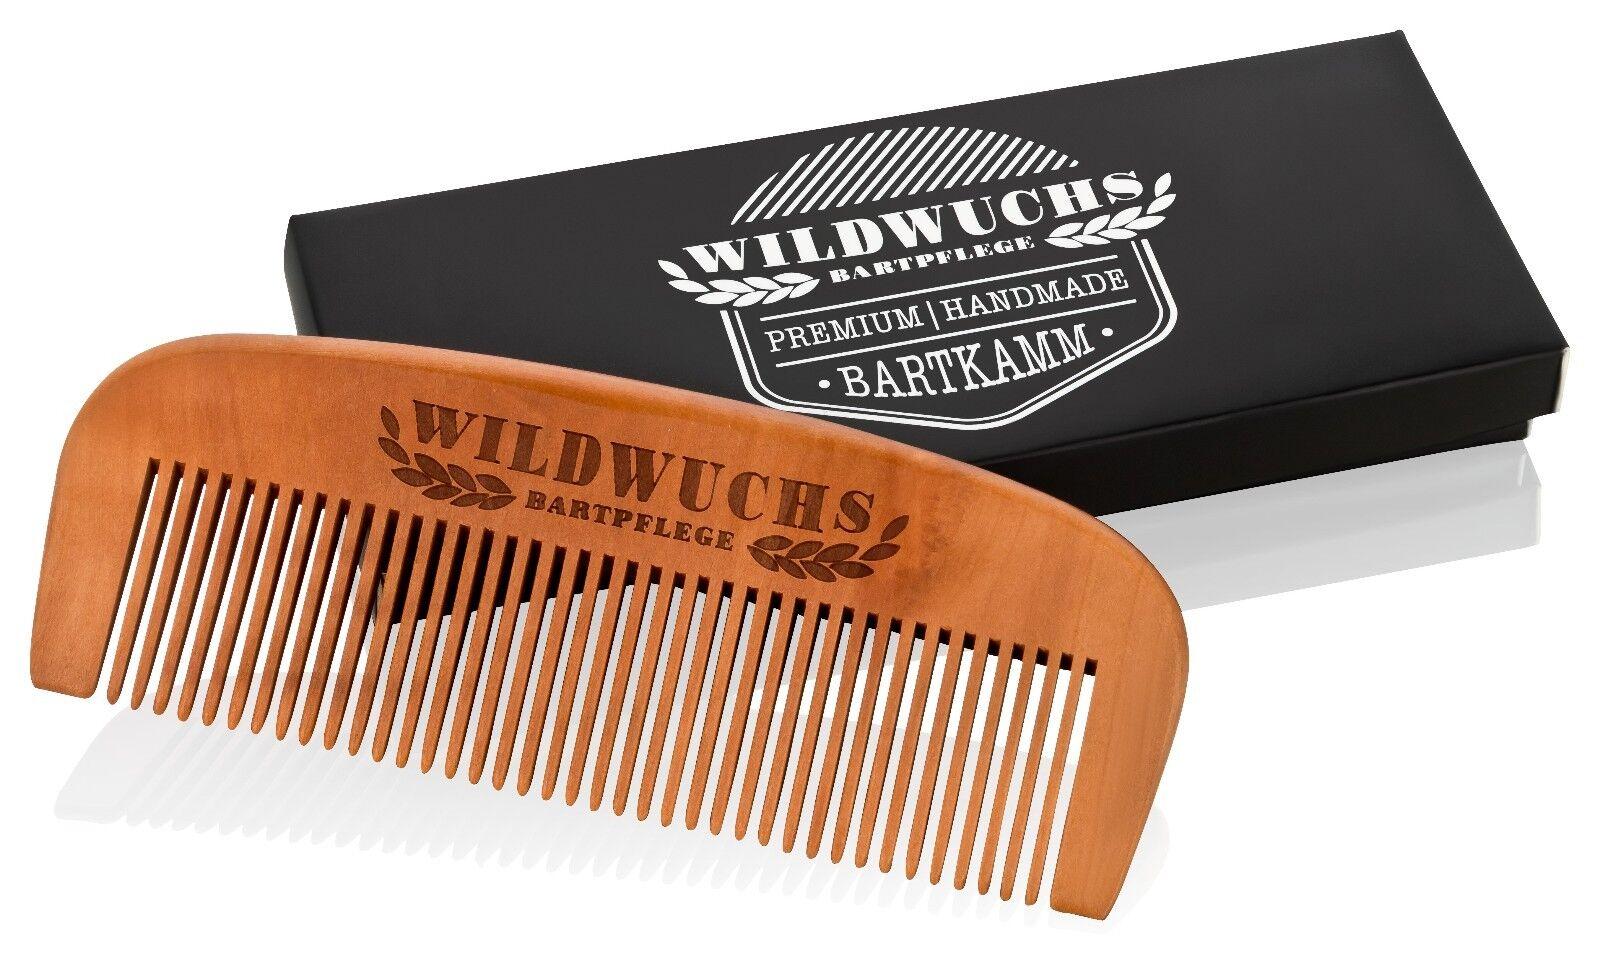 Bartkamm von Wildwuchs Bartpflege Holzkamm Birnbaumholz zur Pflege mit Bartöl